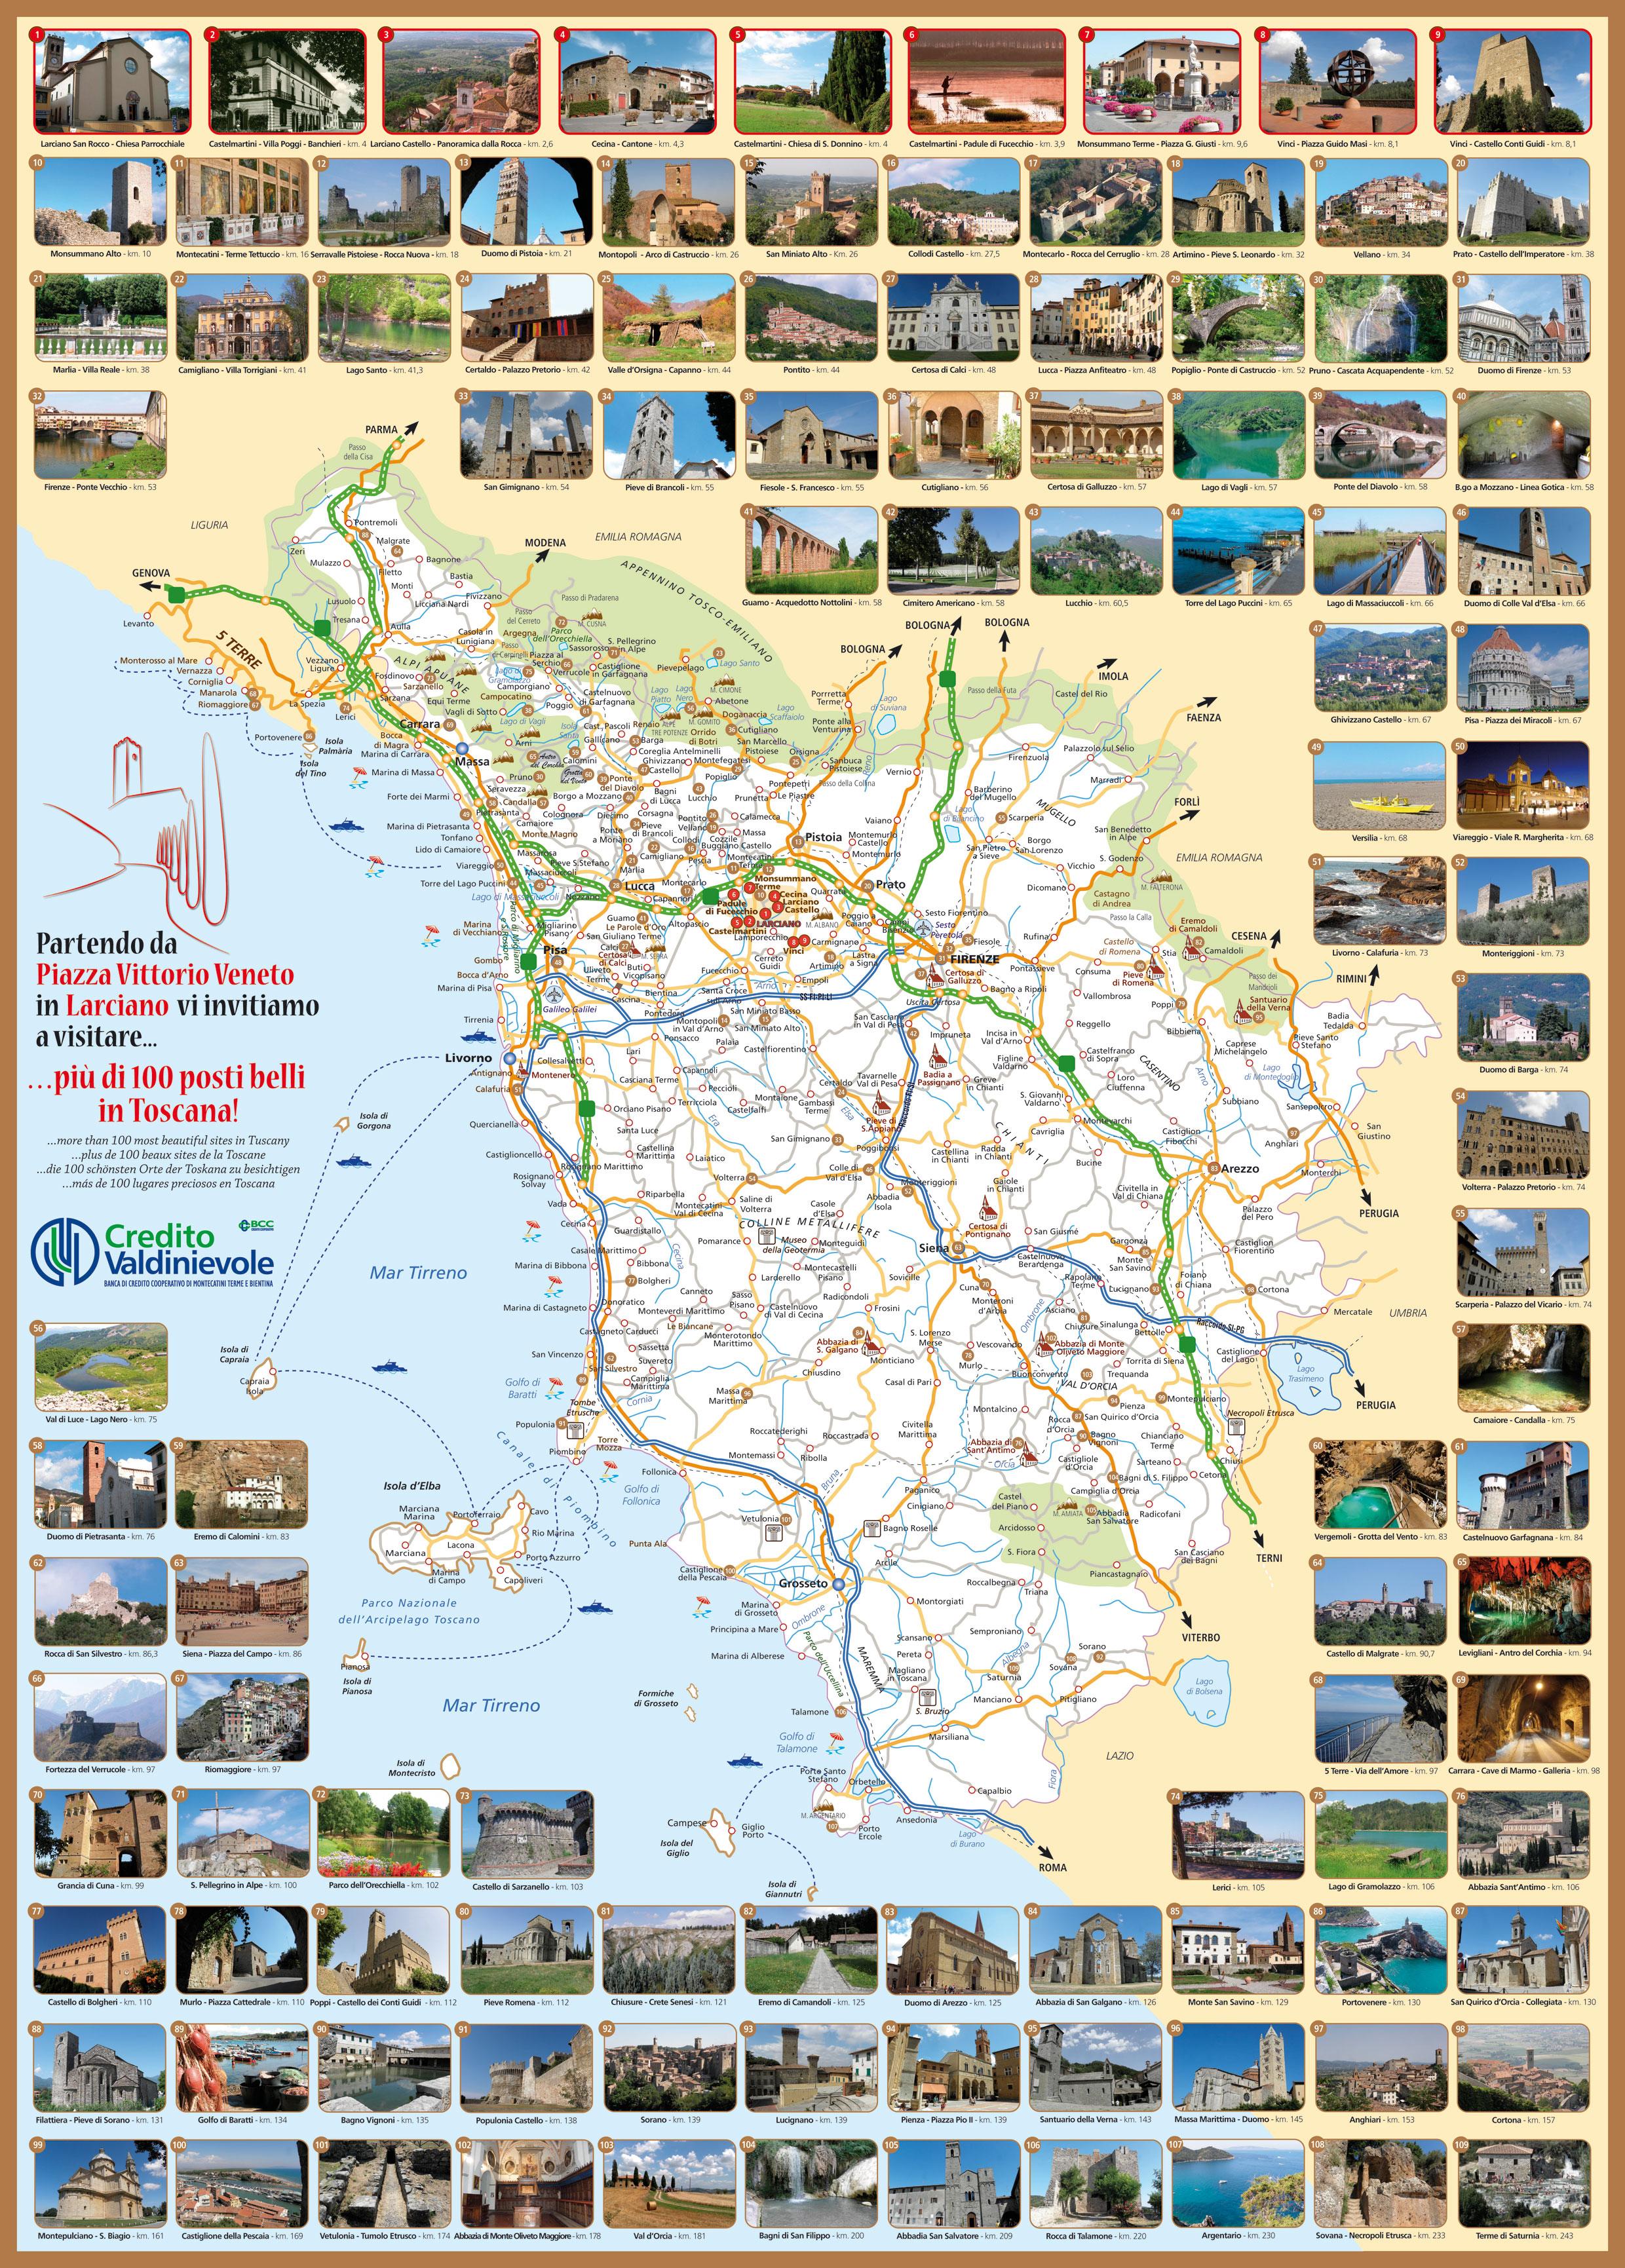 Www Cartina Toscana.La Cartina Della Toscana